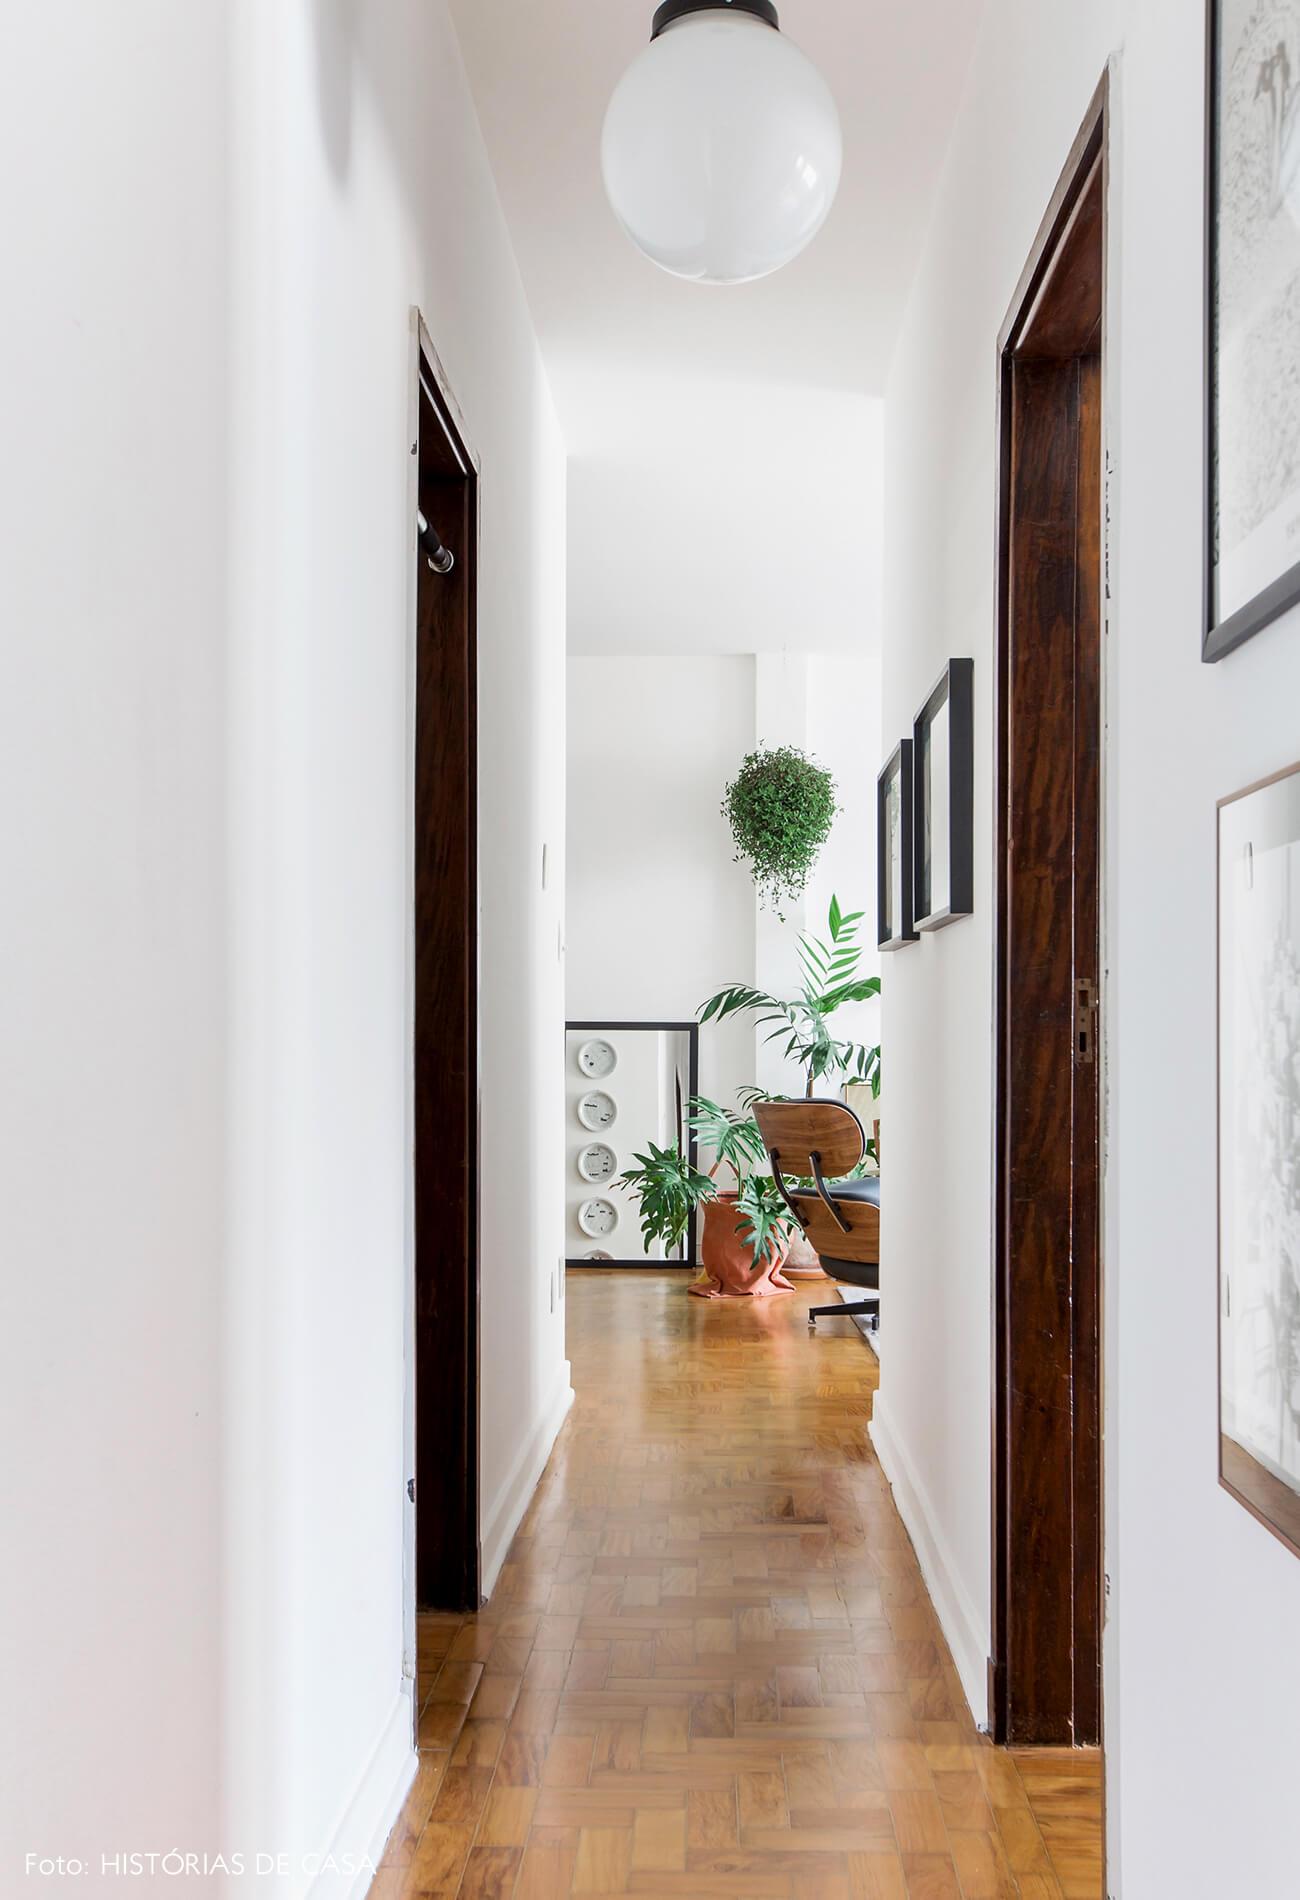 Apê alugado com piso de tacos e paredes brancas